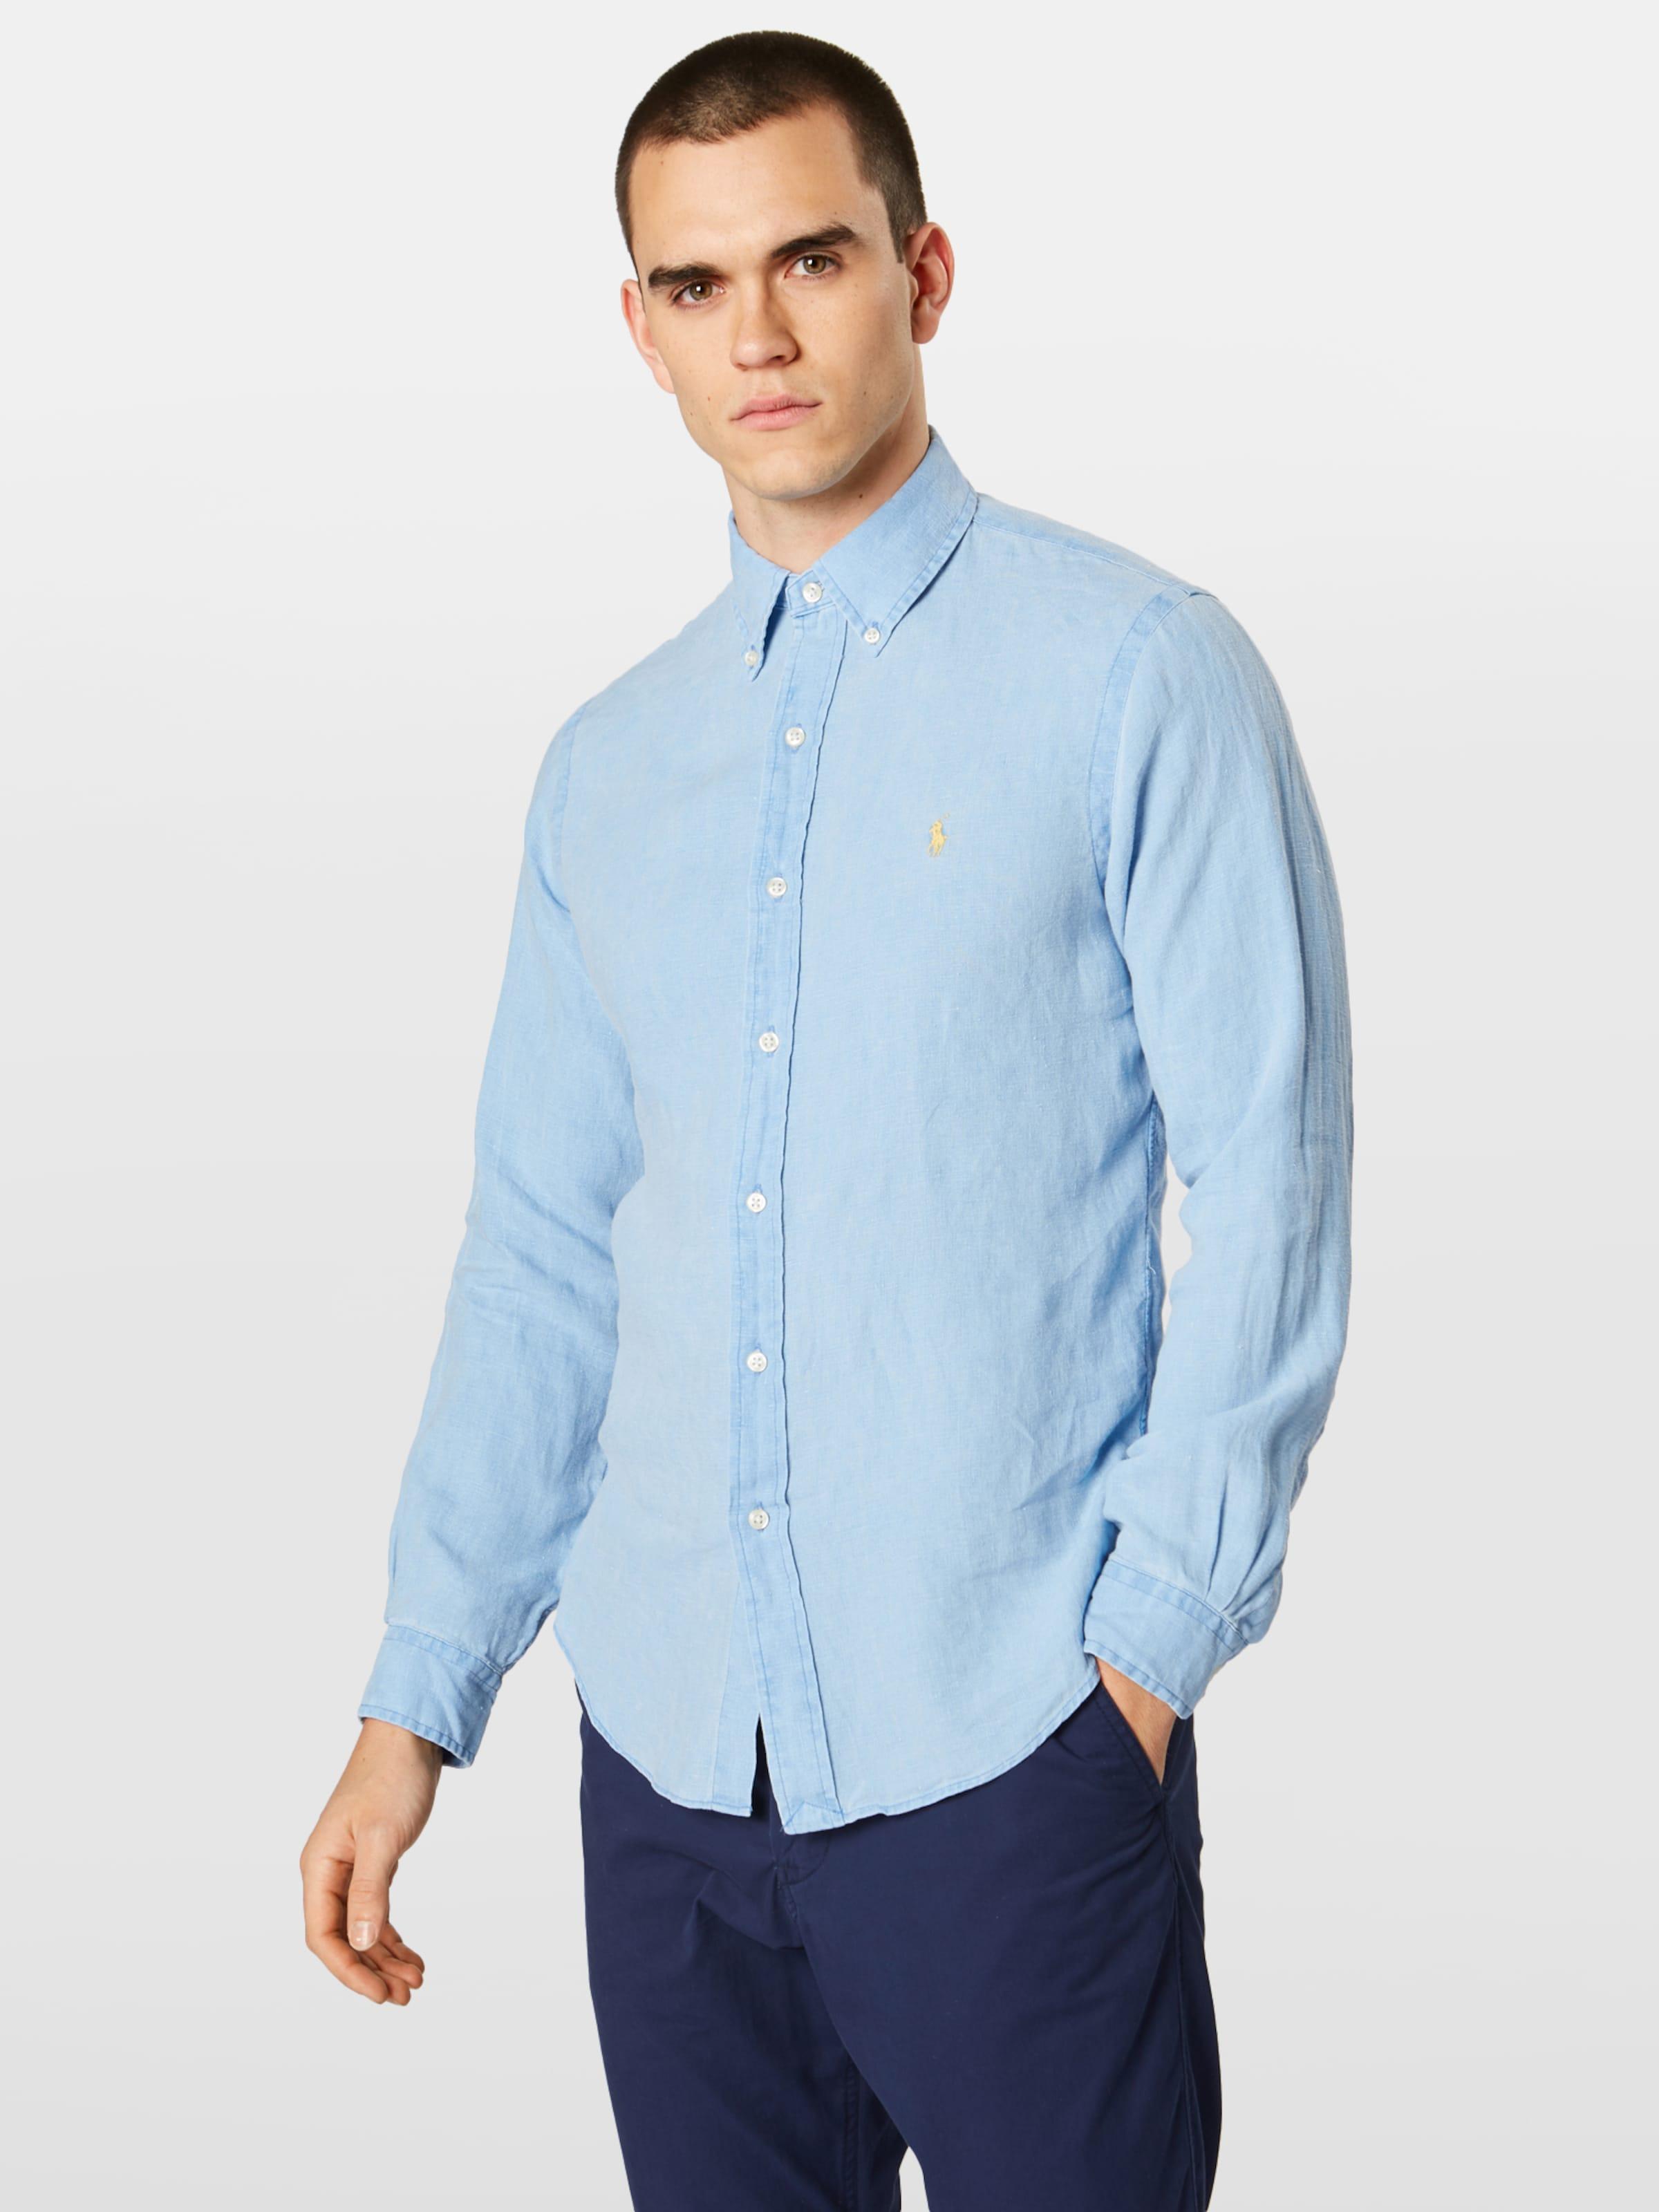 In Lauren Bd Polo Ppc Ralph Hemd 'sl long Sleeve sport Shirt' Blau Sp 43RjL5A